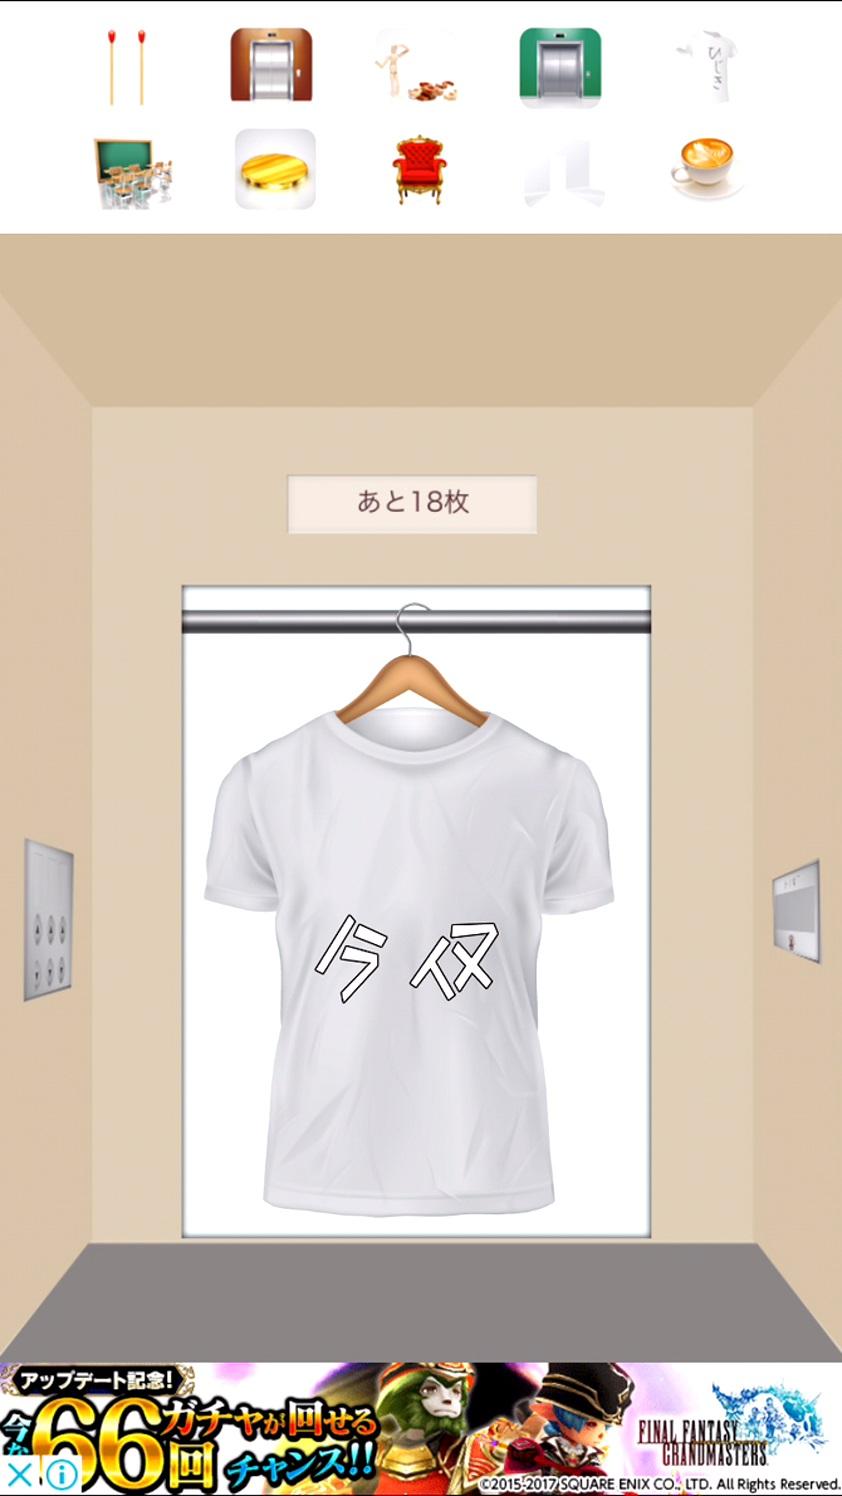 脱出ゲーム Tシャツ2 androidアプリスクリーンショット2